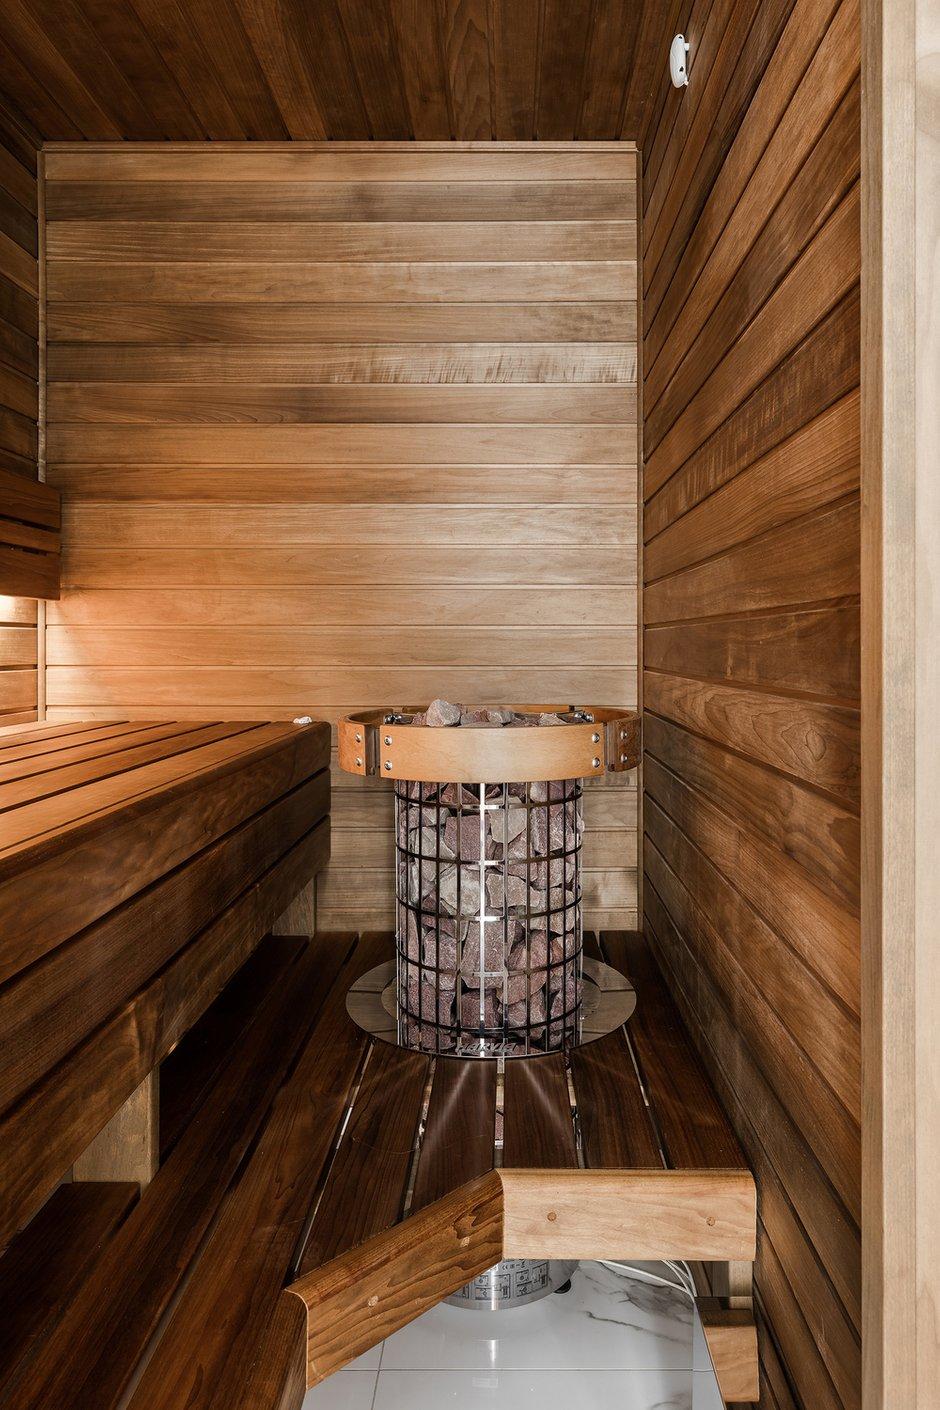 Фотография: Прочее в стиле Современный, Квартира, Проект недели, Москва, Ульяна Скапцова, 3 комнаты, Более 90 метров, US Interiors – фото на INMYROOM